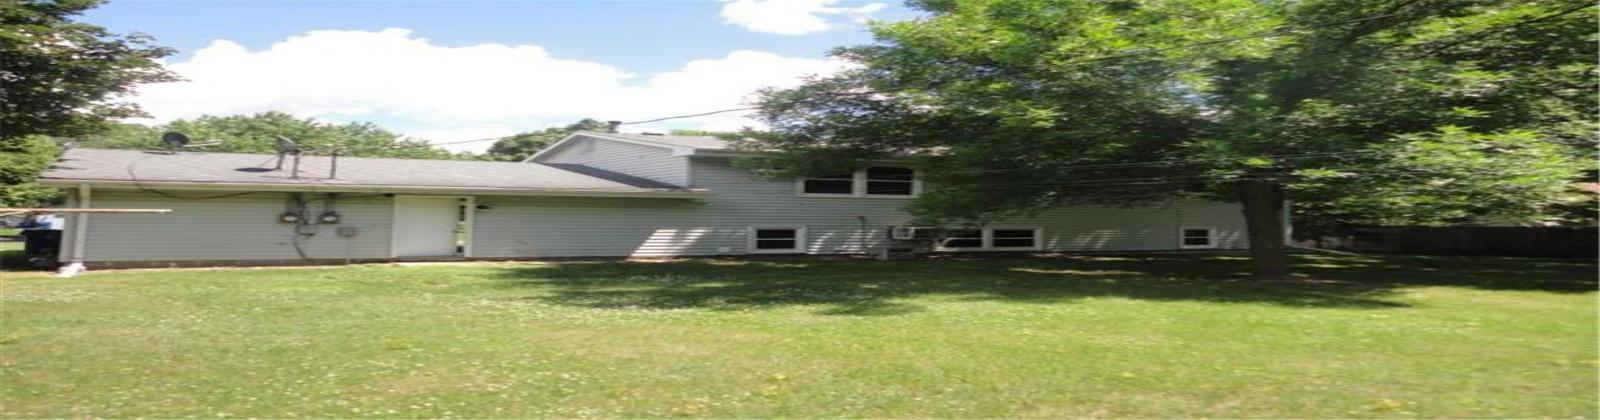 608 Baxter Street N N, Champlin, Minnesota 55316, ,Duplex,Sold,Baxter Street N,1002